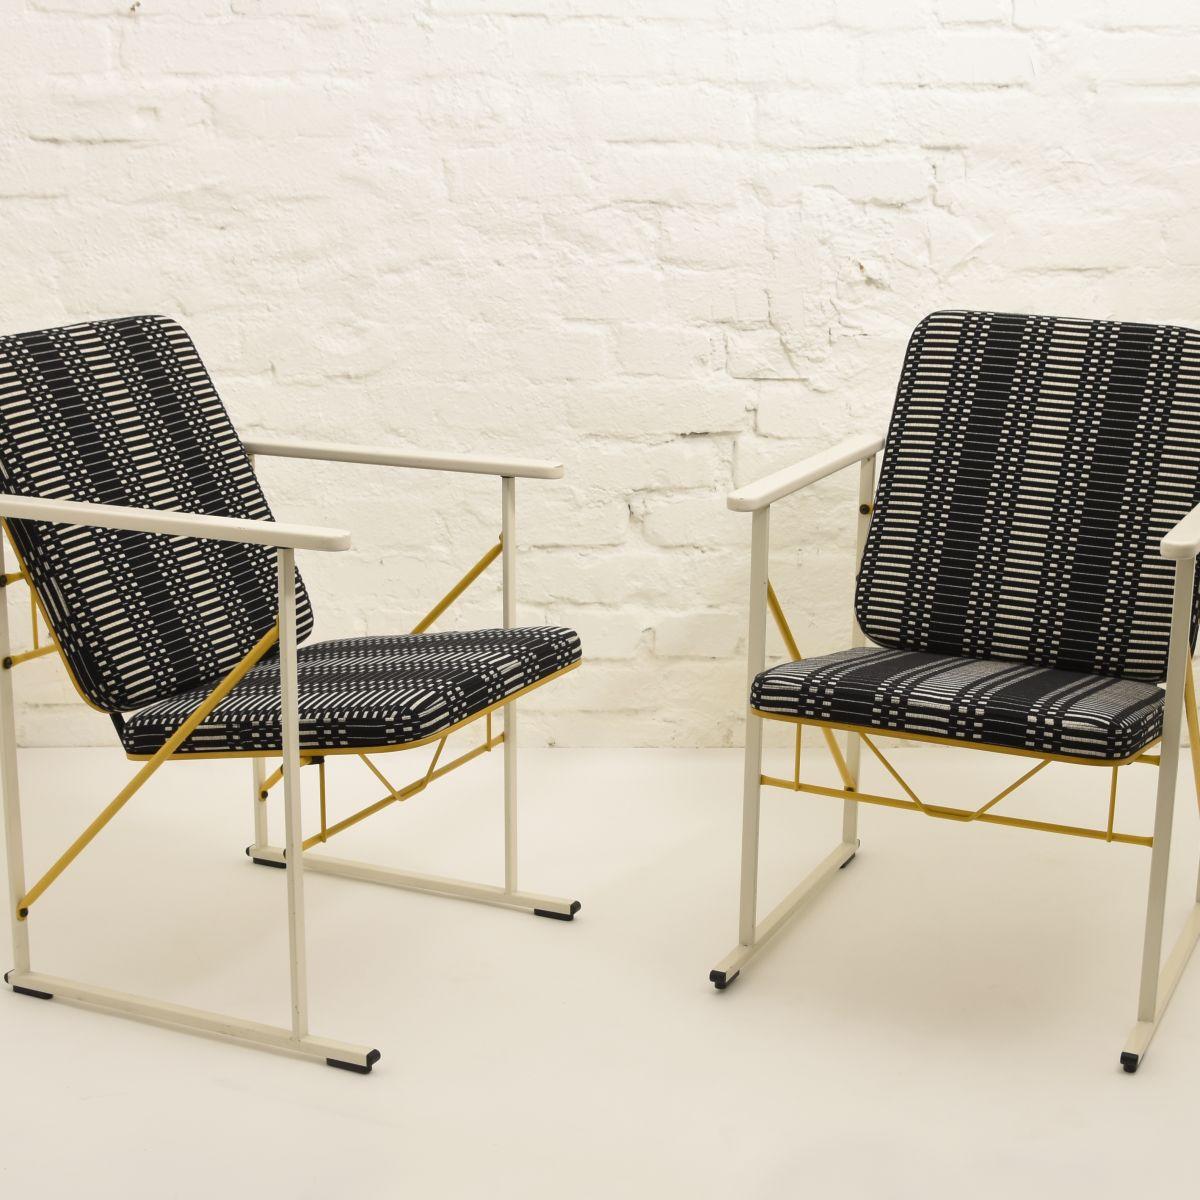 Kukkapuro-Yrjö-Chair-A500-johanna-gullichsen